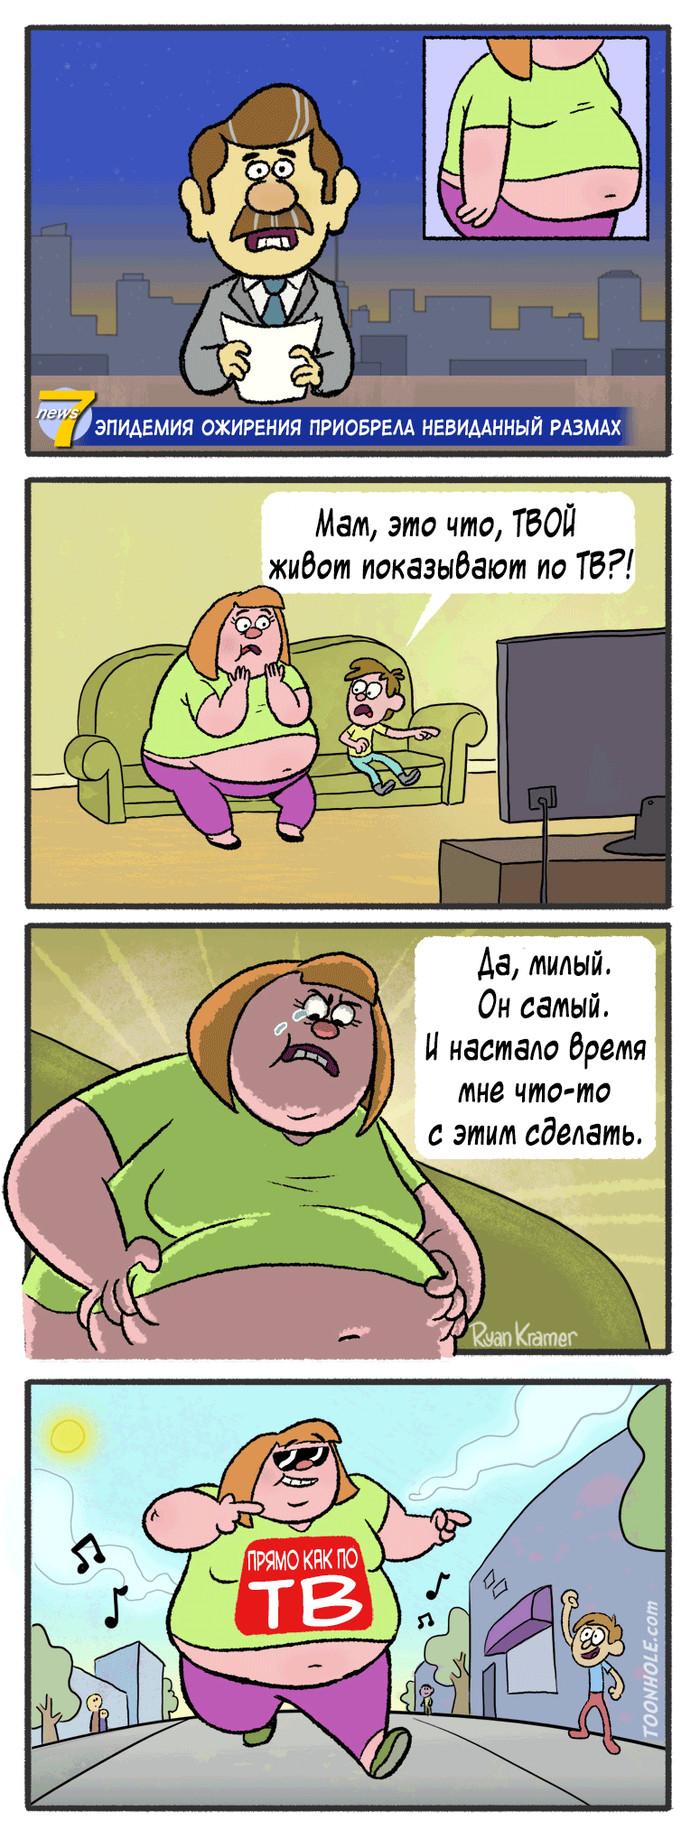 Эпидемия Ожирения Комиксы, Atrandomcomics, Длиннопост, М:, Toonhole